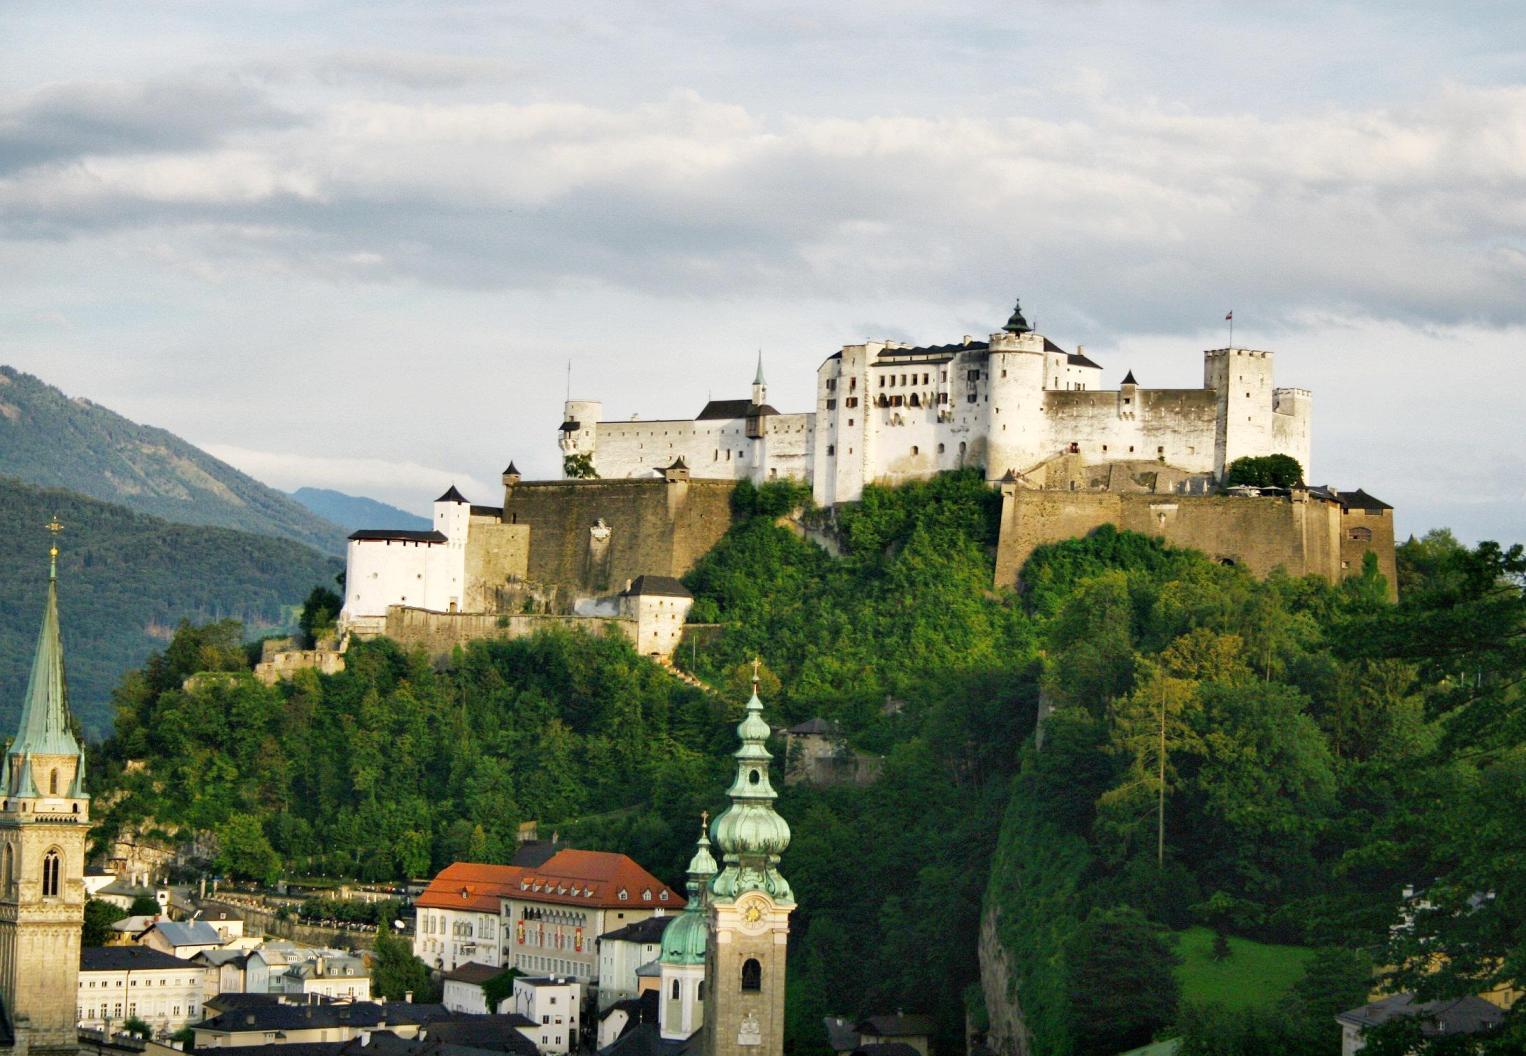 https://upload.wikimedia.org/wikipedia/commons/6/6e/Festung_Hohensalzburg_2.jpg